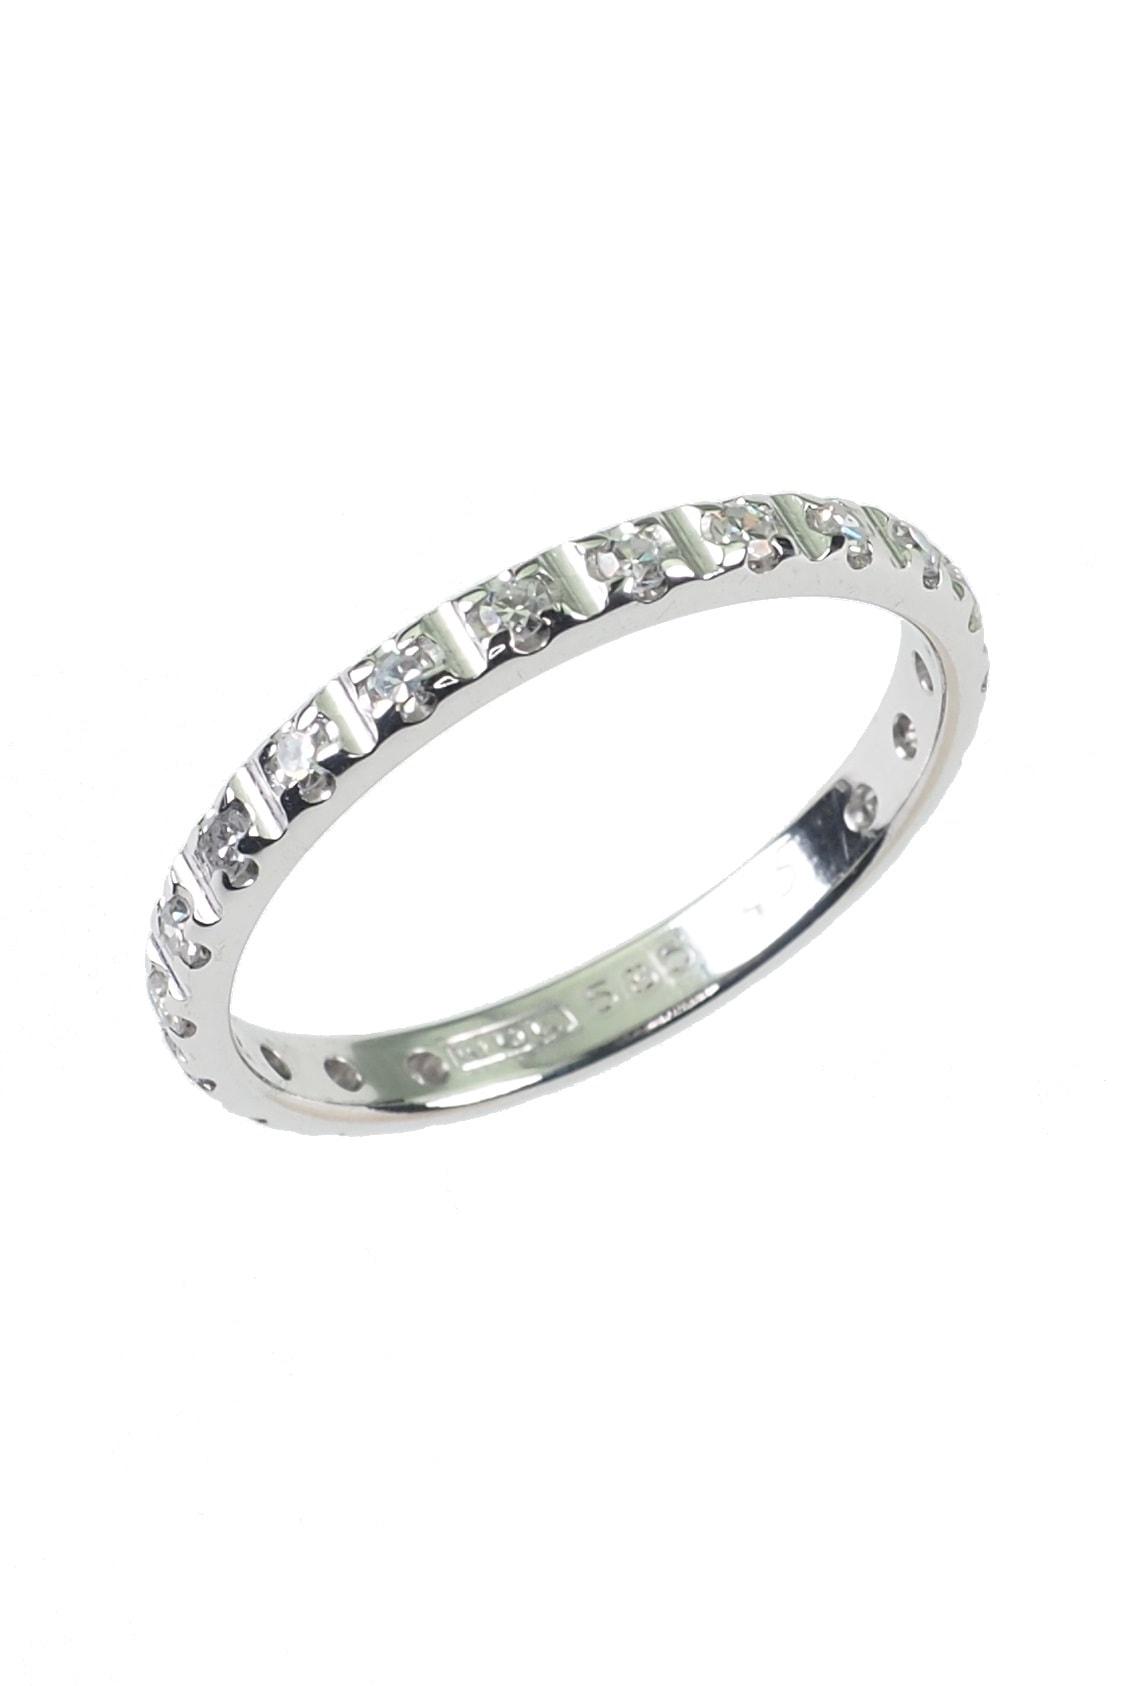 Diamantringe-online-kaufen-2002a